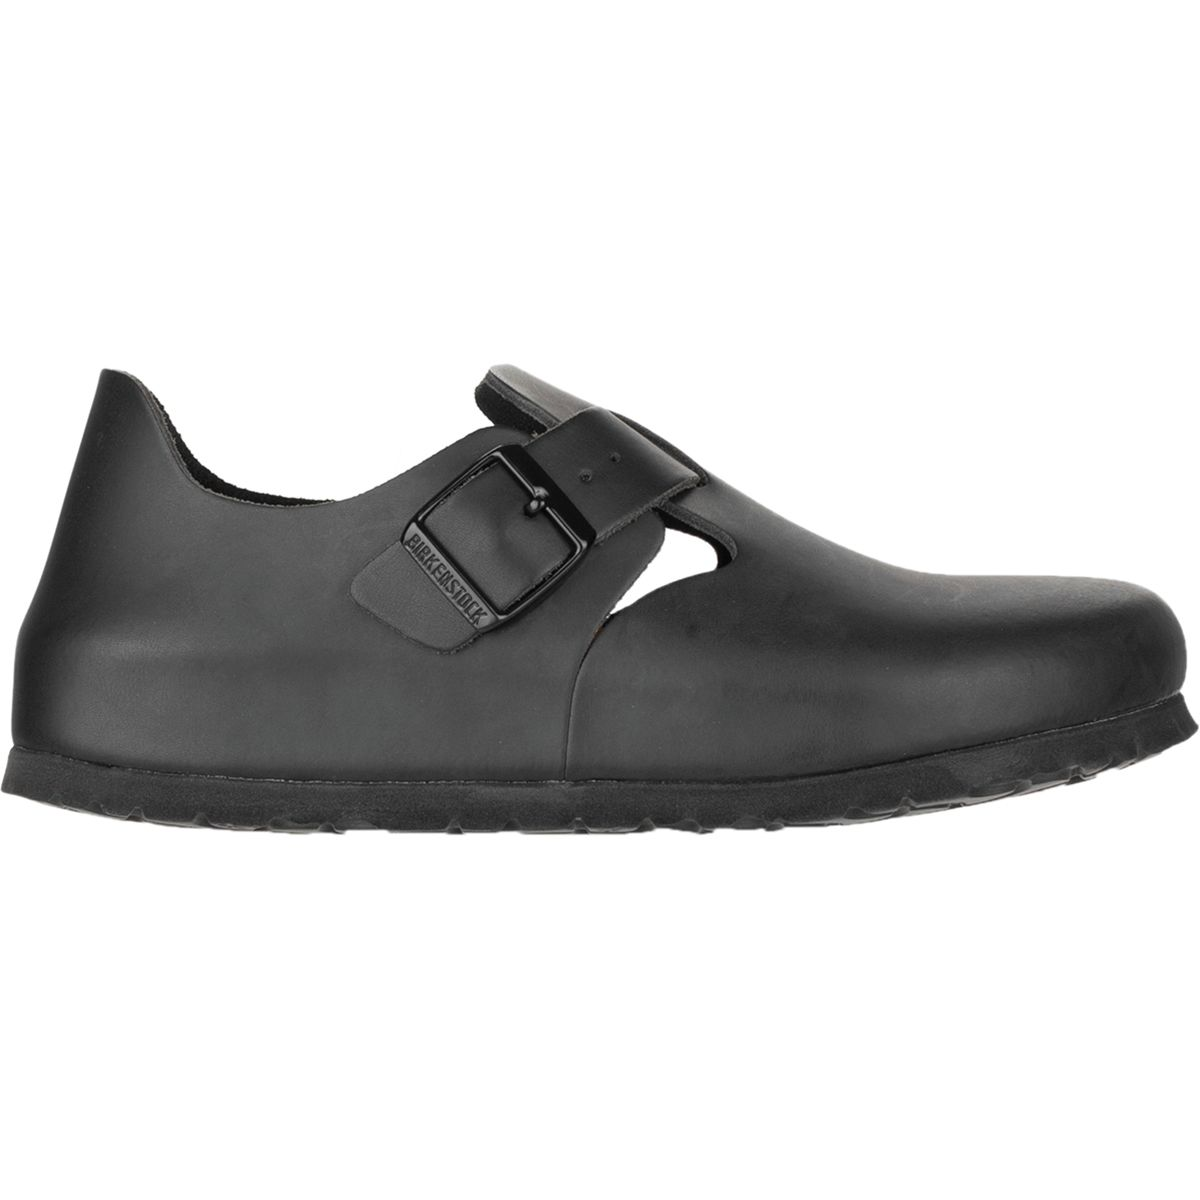 Birkenstock London Soft Footbed Leather Narrow Shoe - Women's